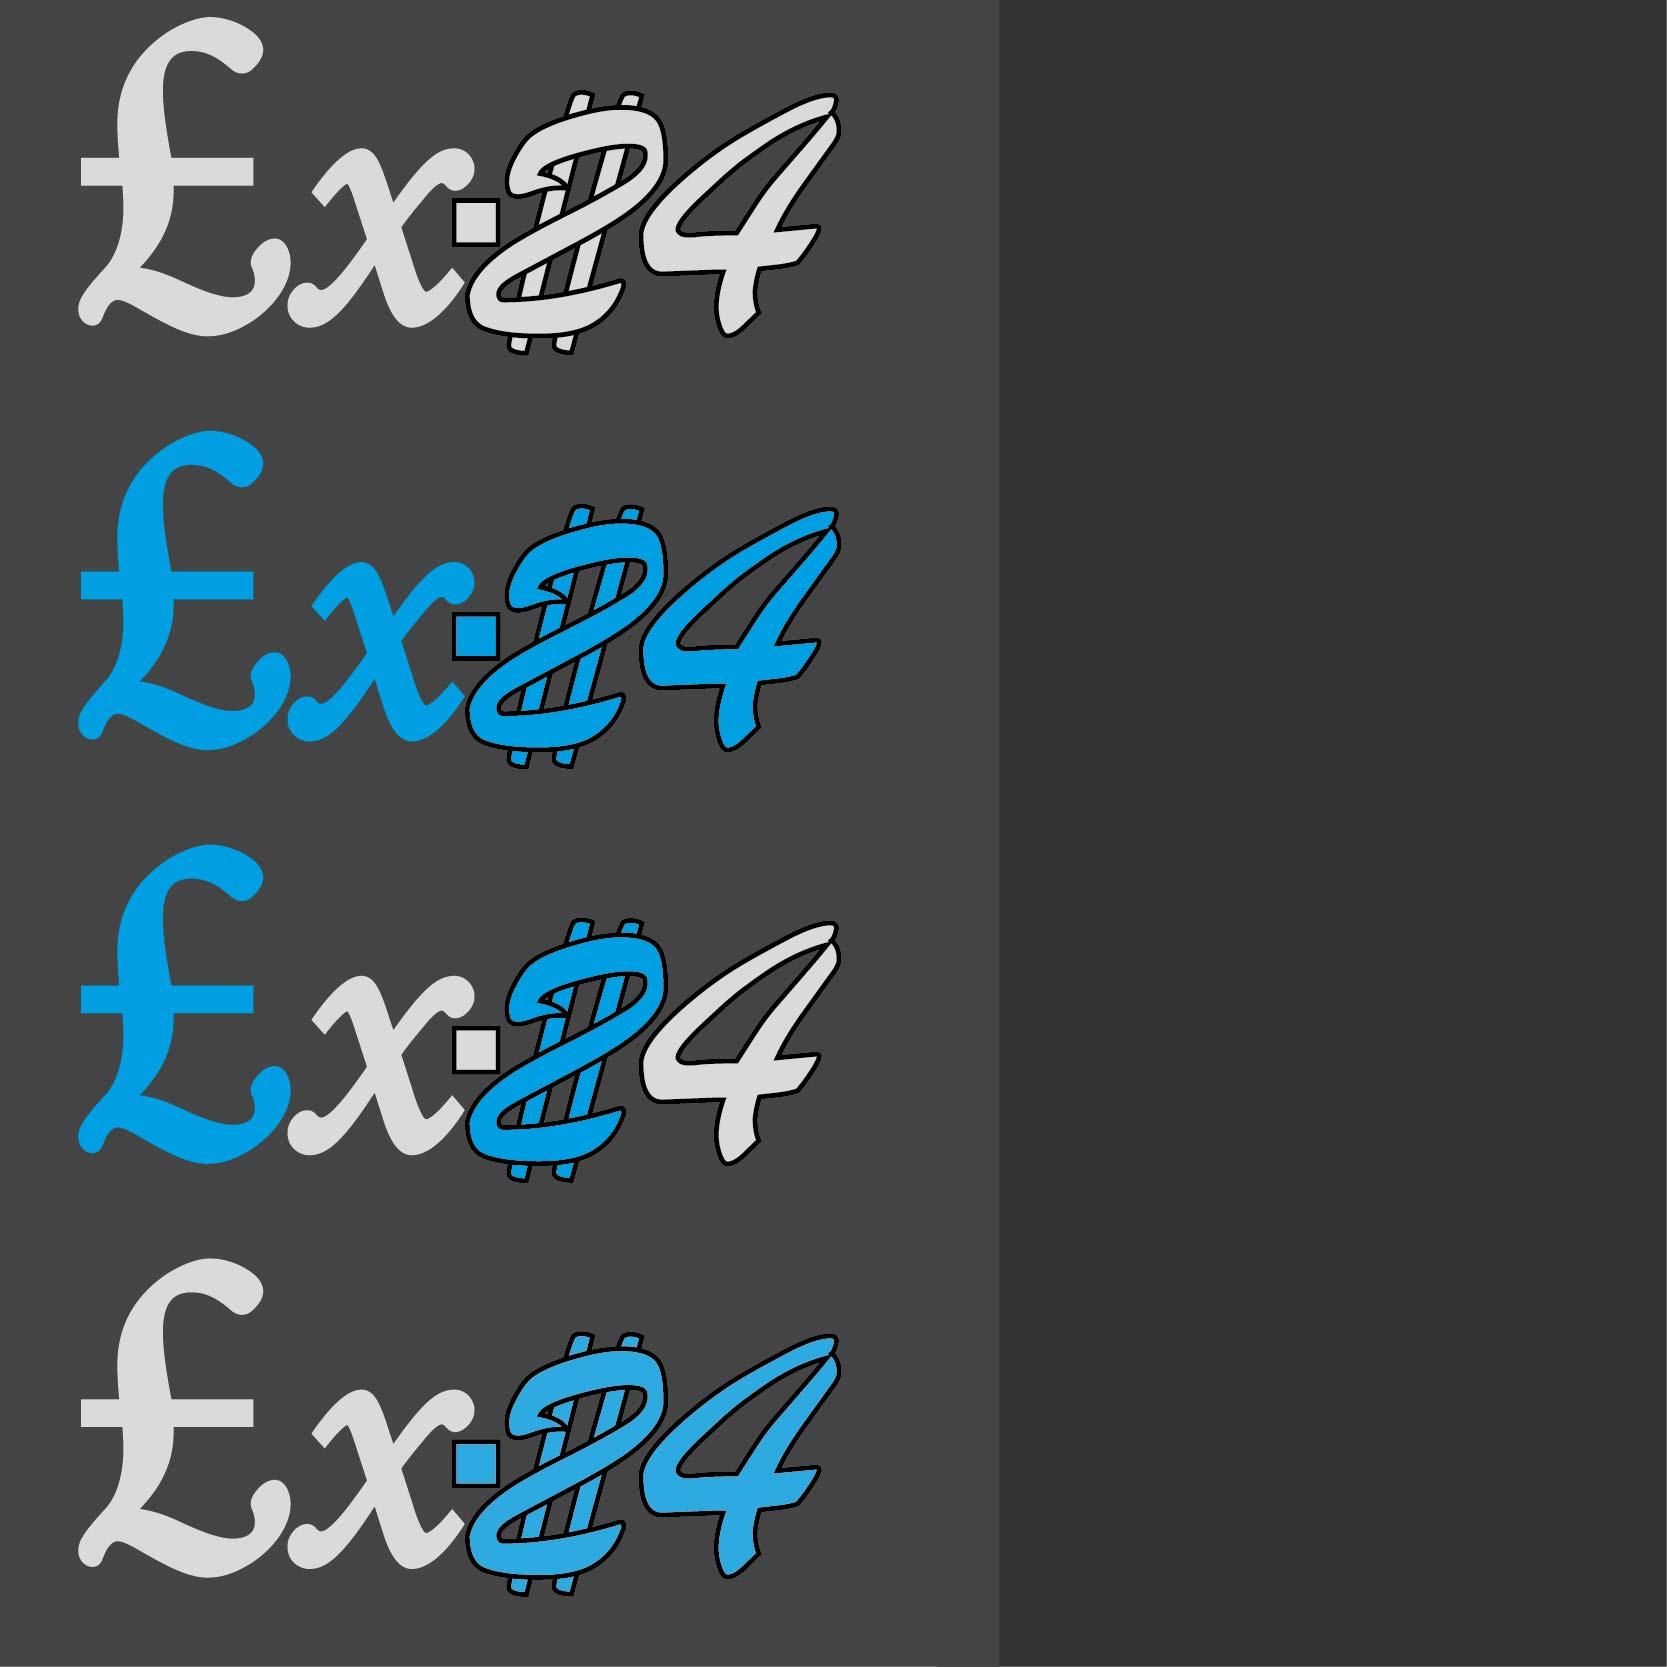 Разработка логотипа компании FX-24 фото f_04350ed74aa35e4e.jpg